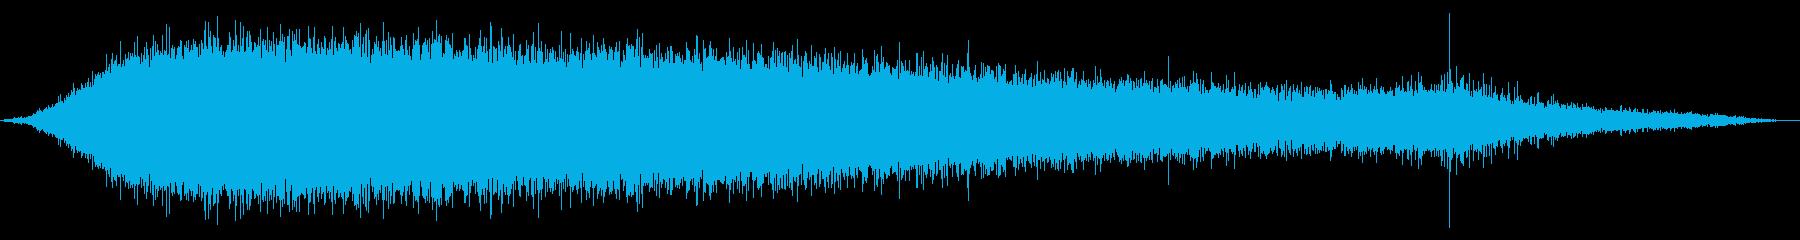 電気湯沸かし器-沸騰水の再生済みの波形